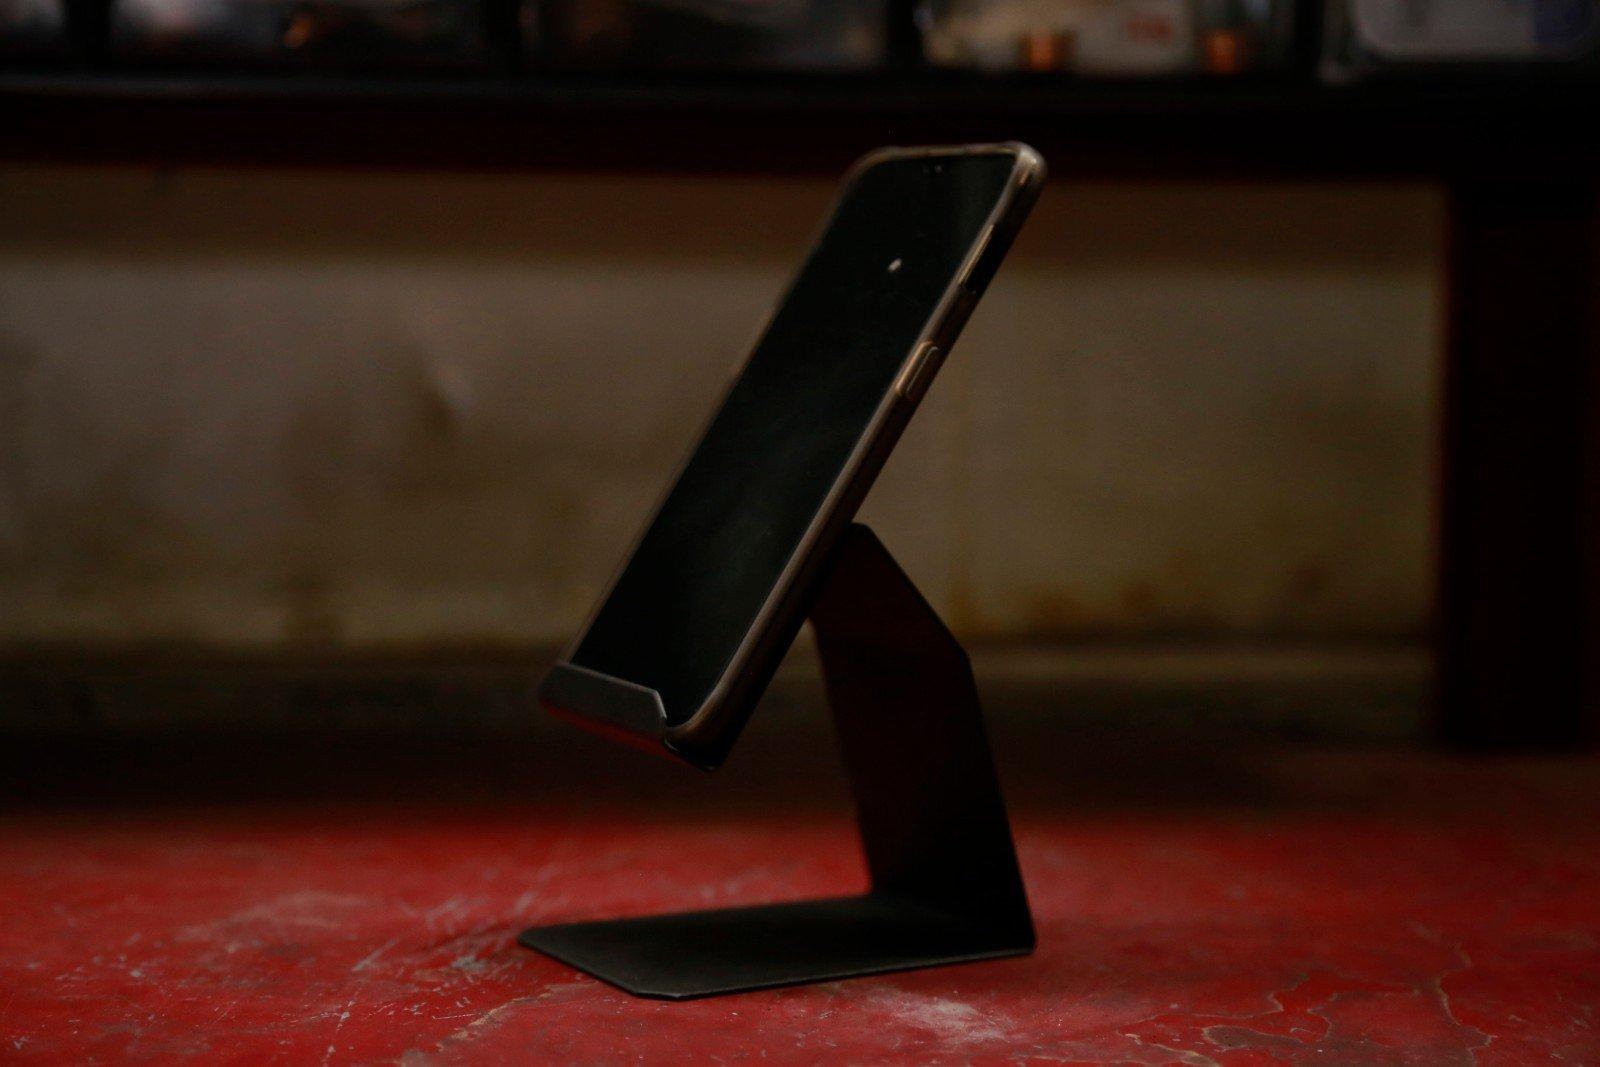 Phone Shtender